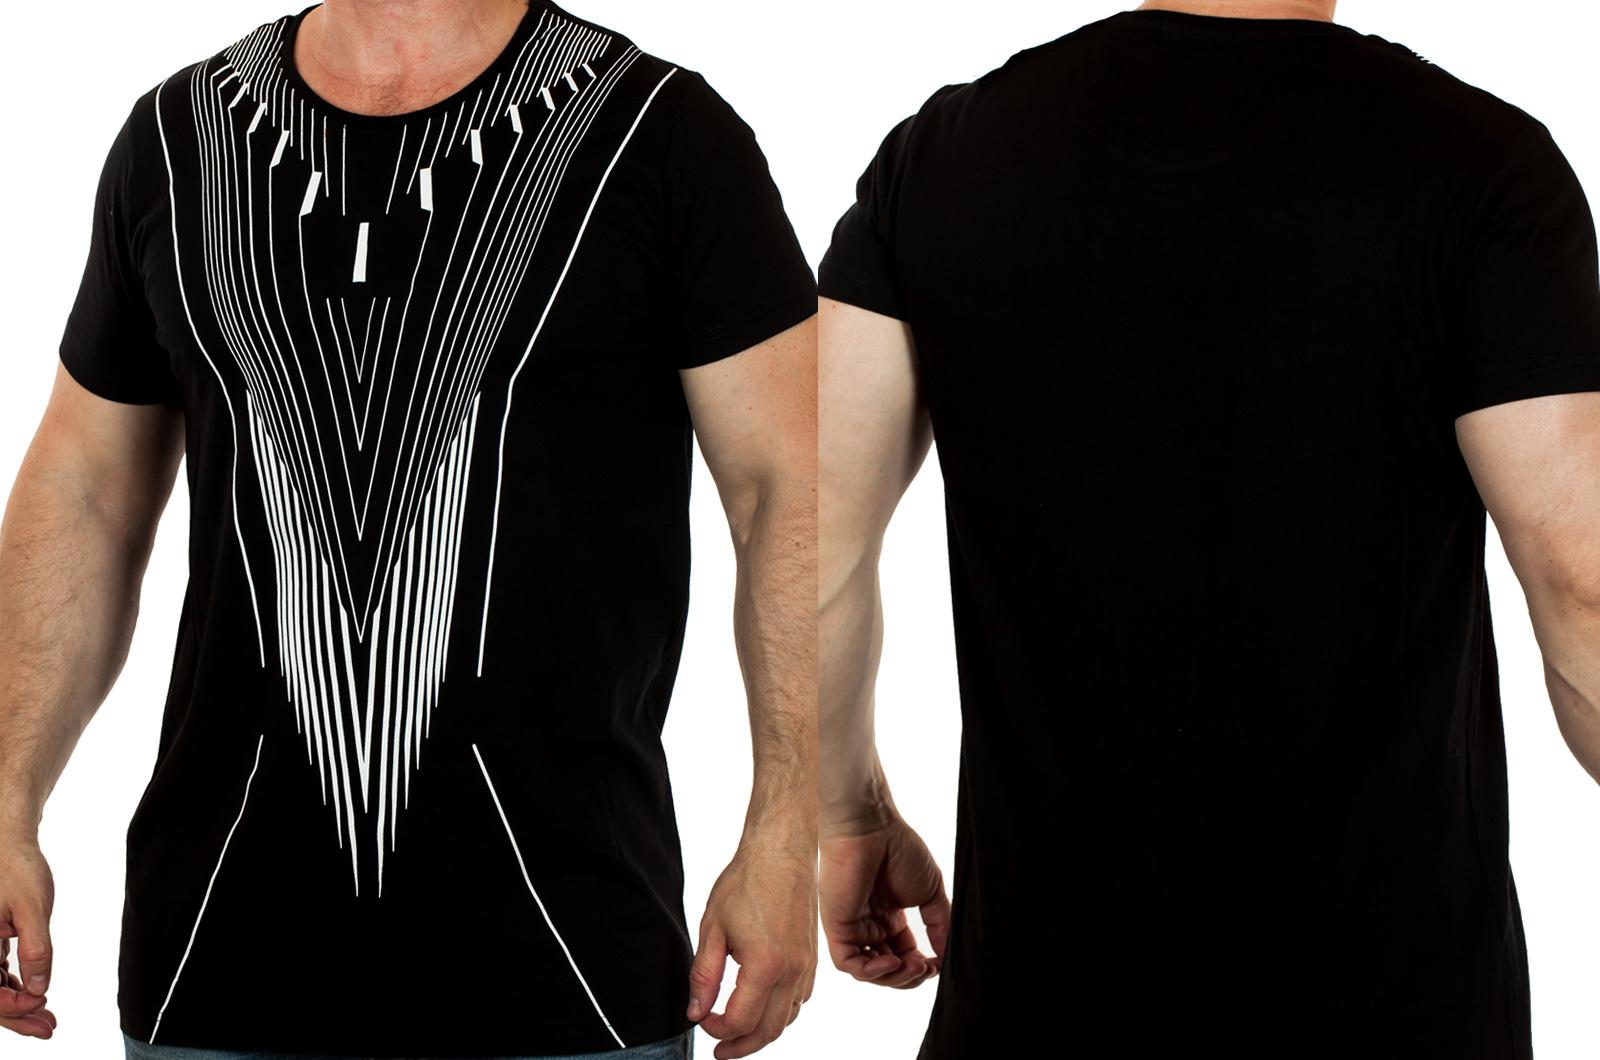 Мужская футболка от ТМ SPLASH с эффектом Доплера. Удлиненный фасон, популярные цвета